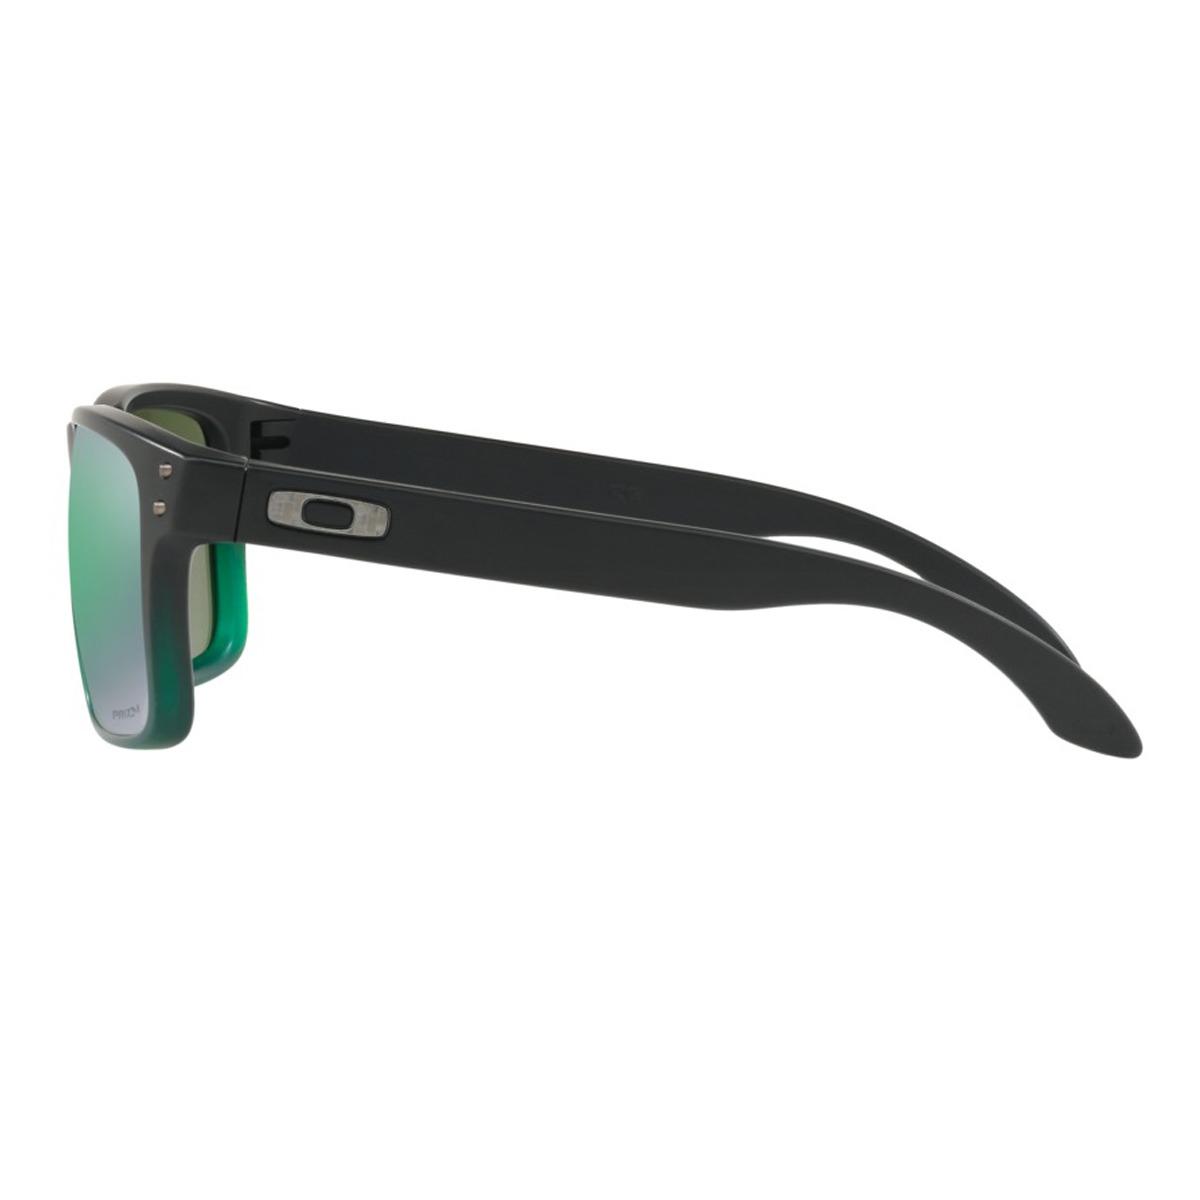 2d2dd07ea0022 óculos oakley holbrook jade fade  lente prizm jade iridium. Carregando zoom.